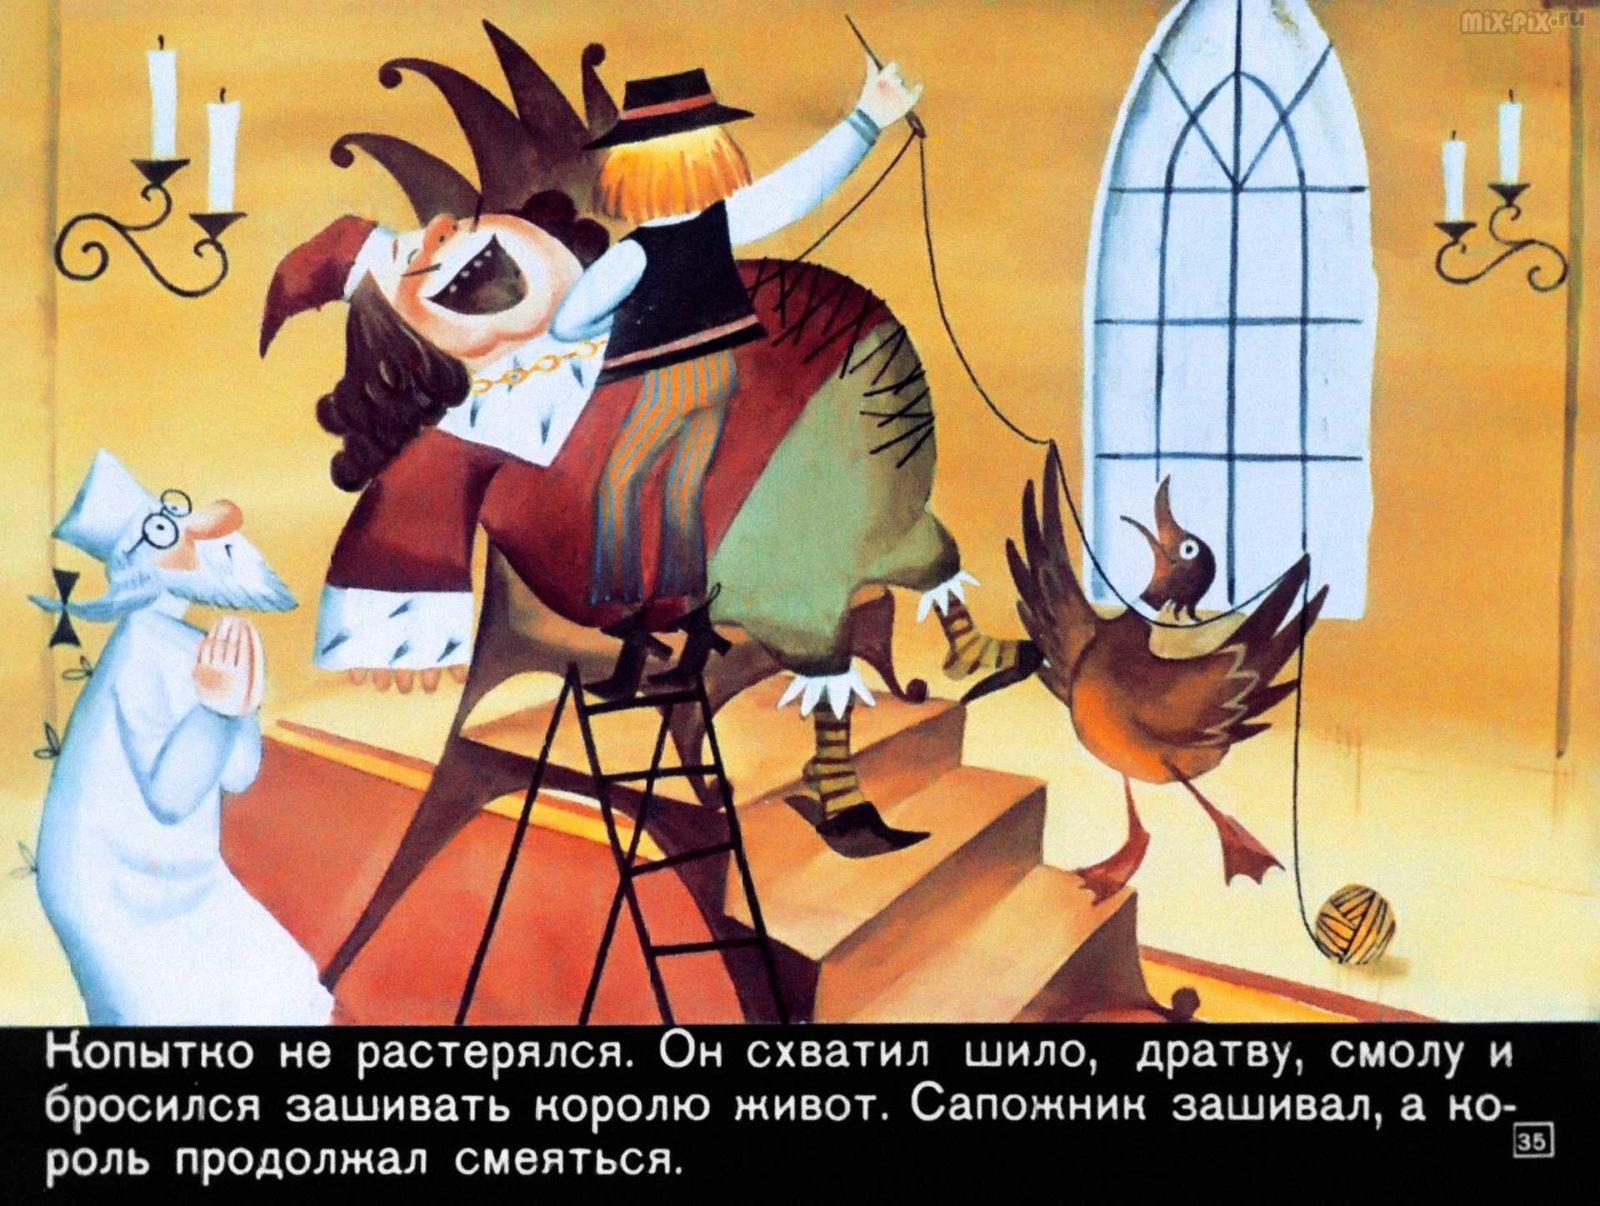 Сапожник Копытко и утка Кря (1972) 40